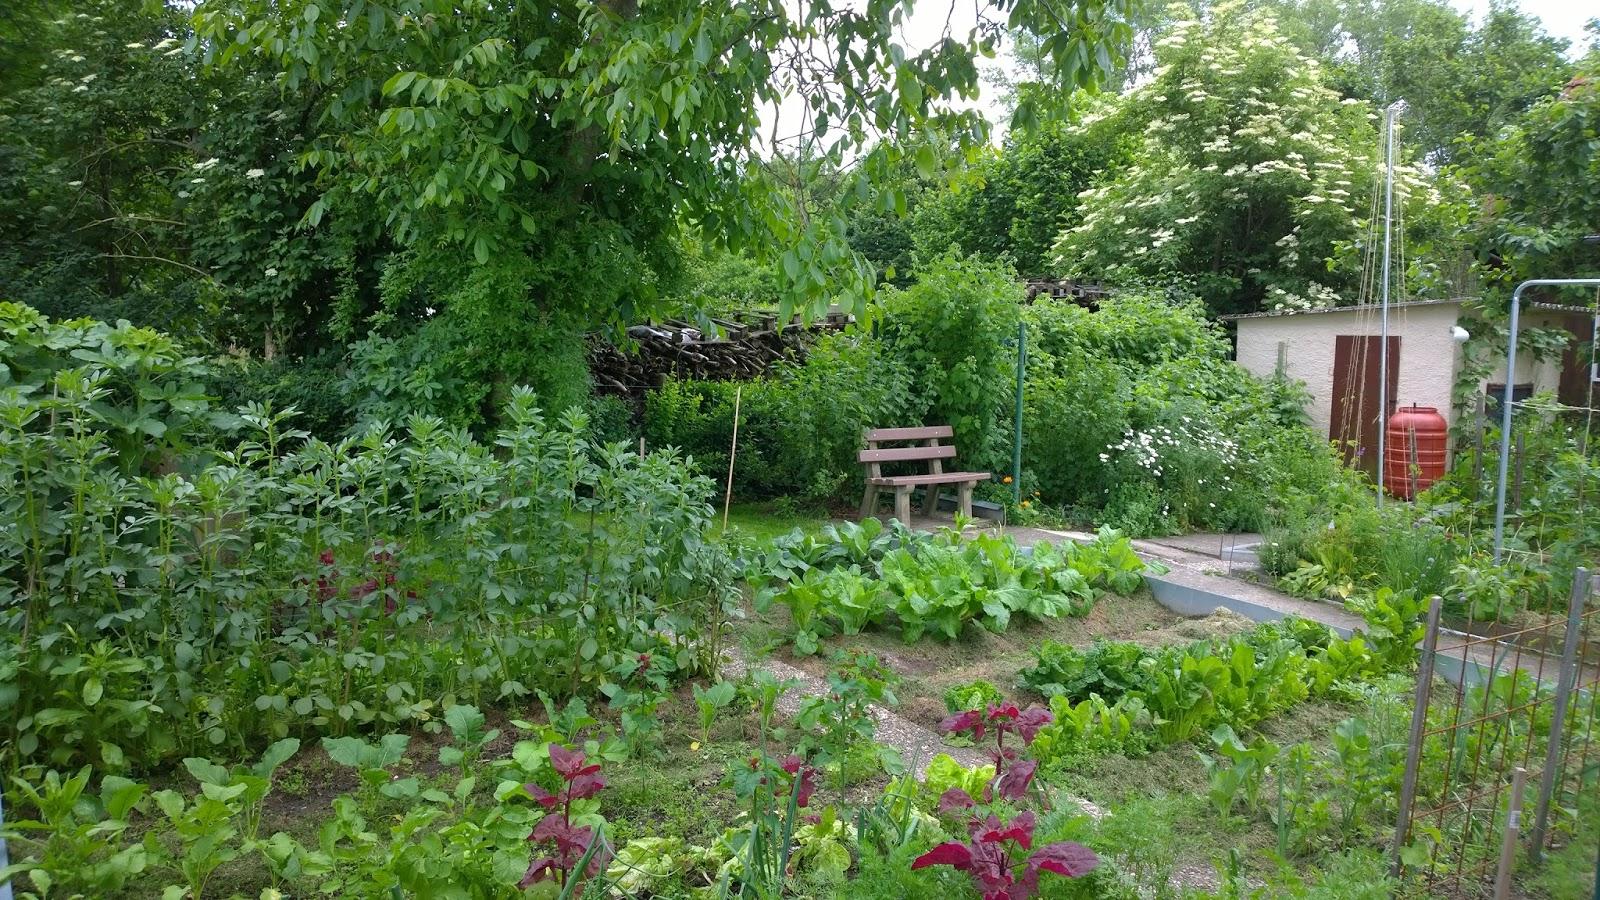 Der Gemüse-Selbstversorgergarten - Achims Garten zum Essen